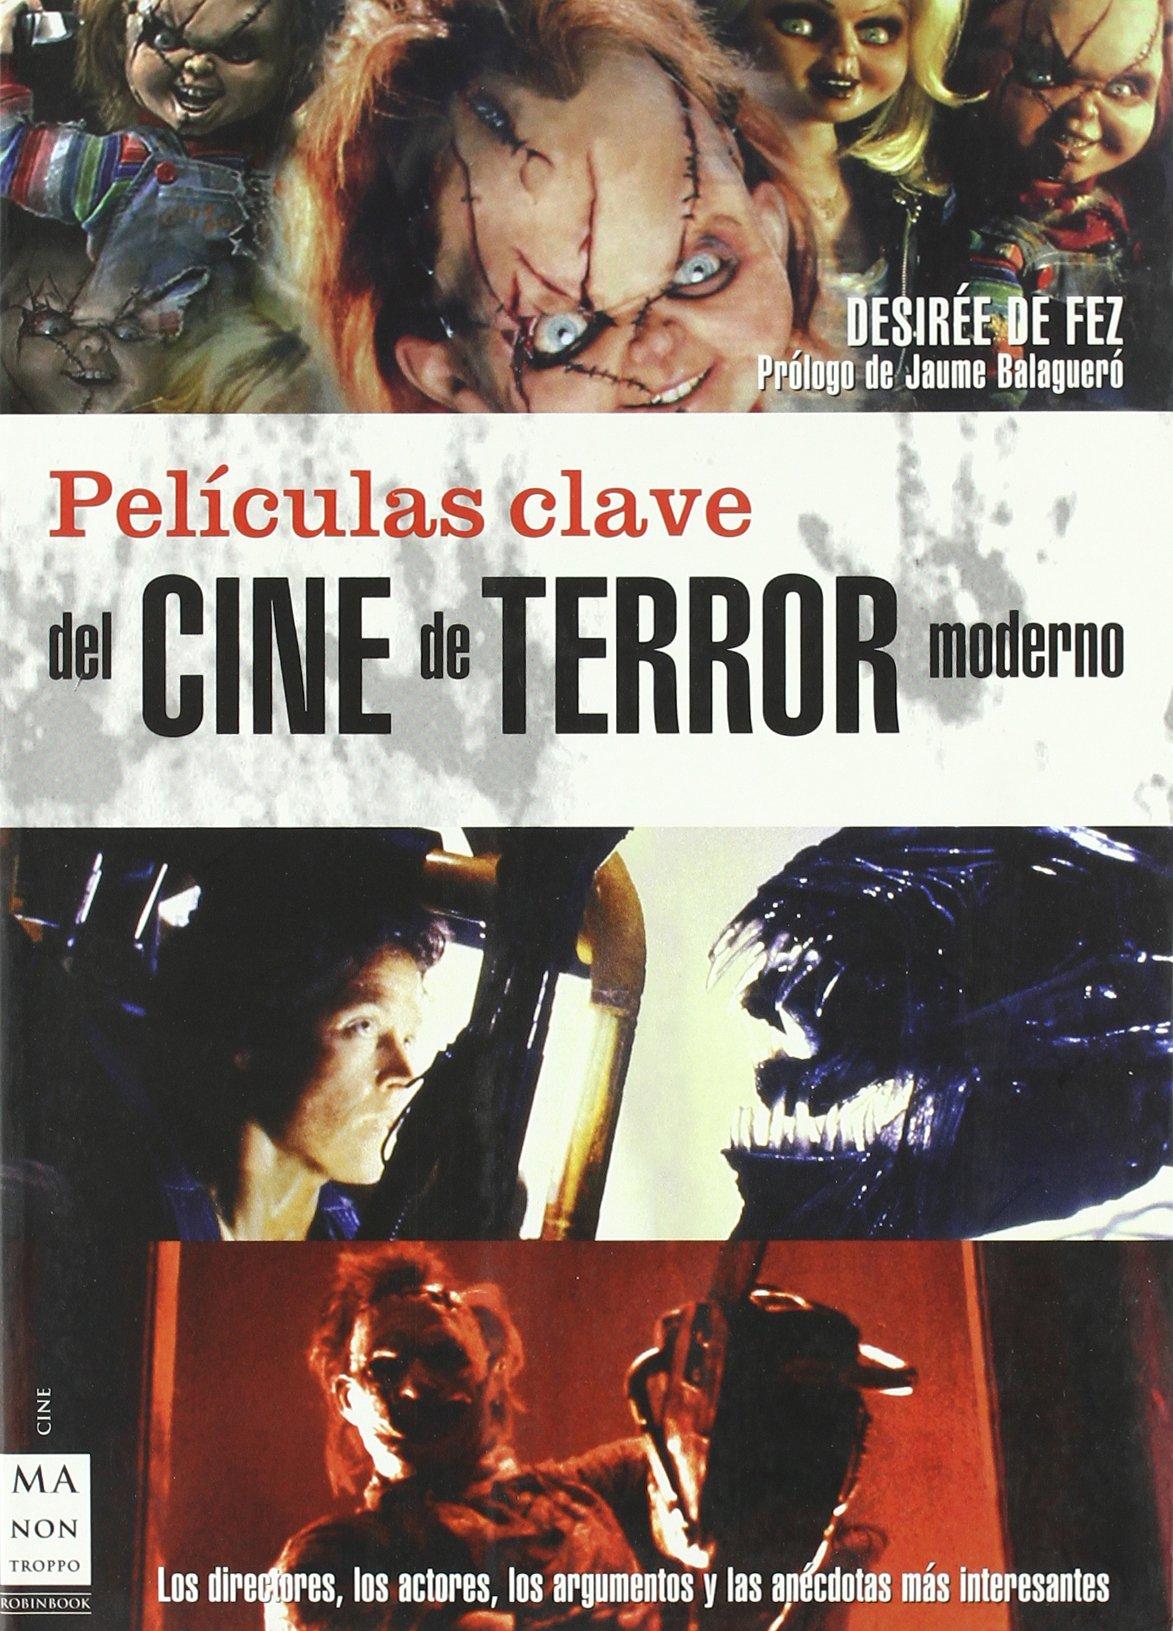 Películas clave del cine de terror moderno: Los directores,los ...